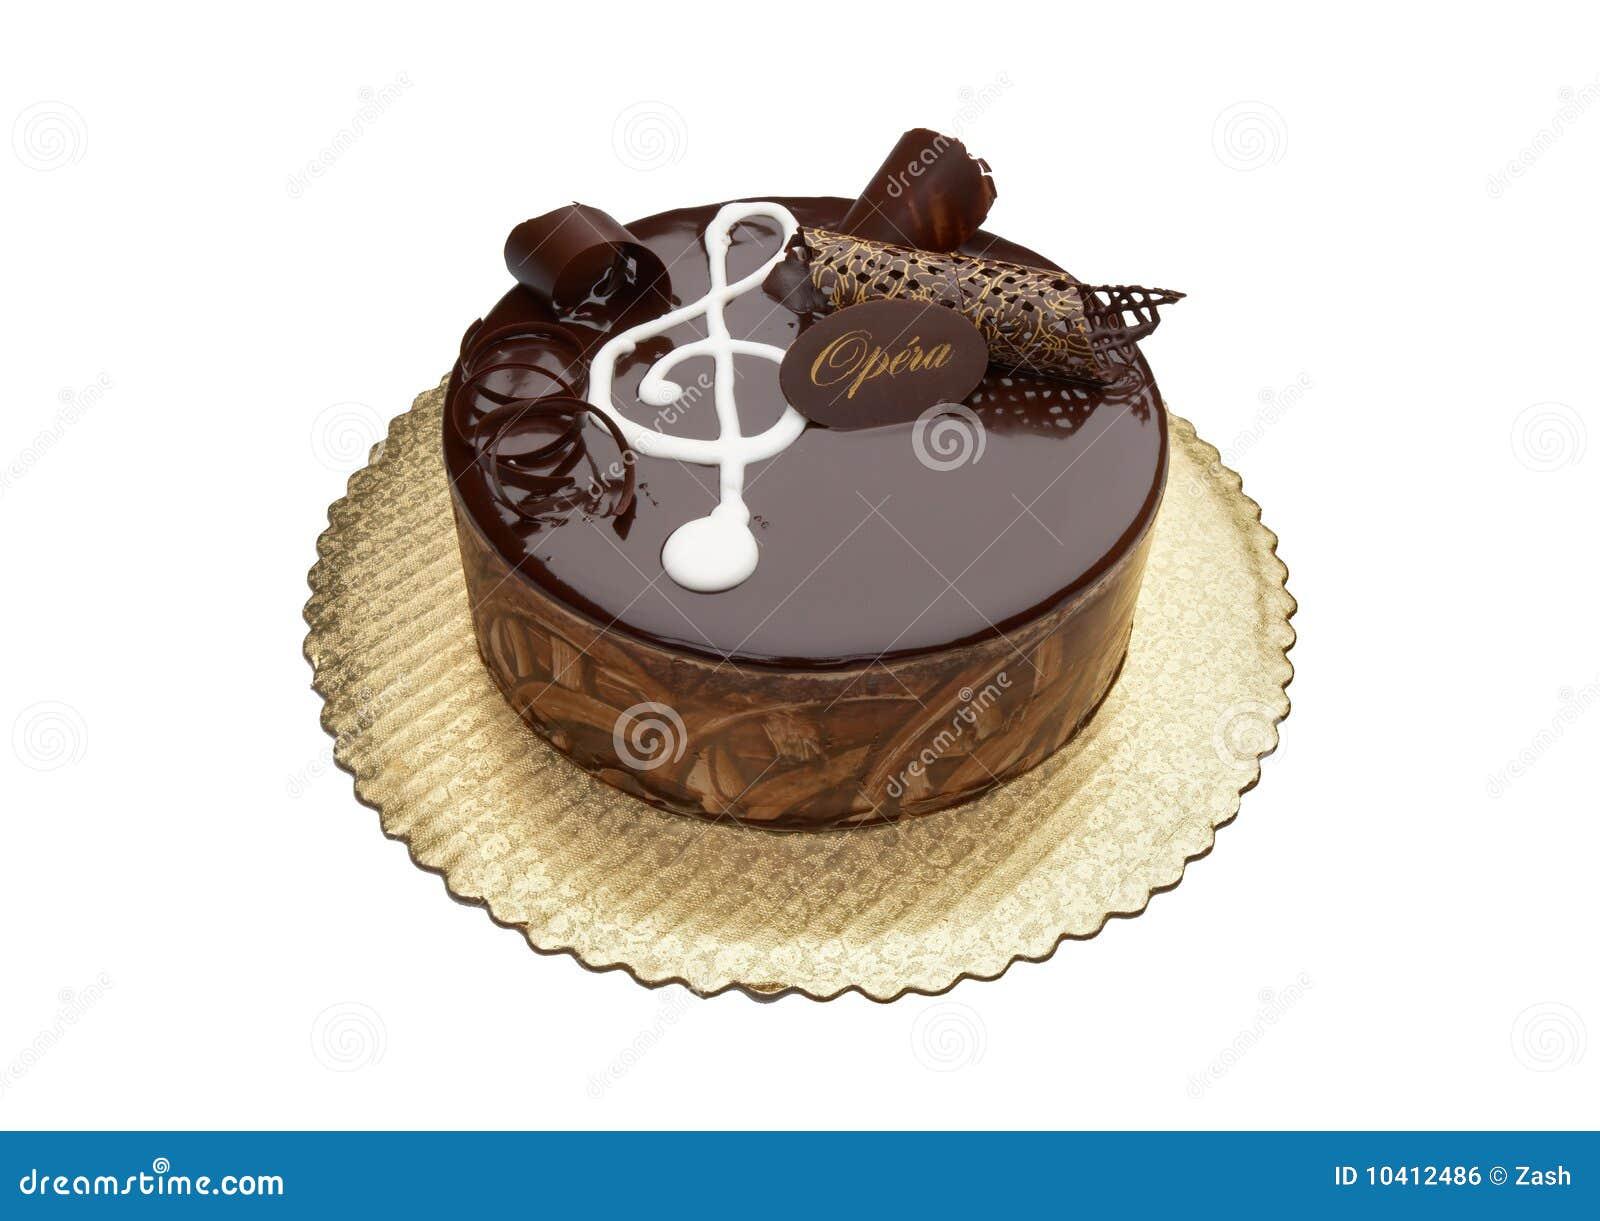 Chocolate Opera Cake Stock Photo Image Of Indulgence